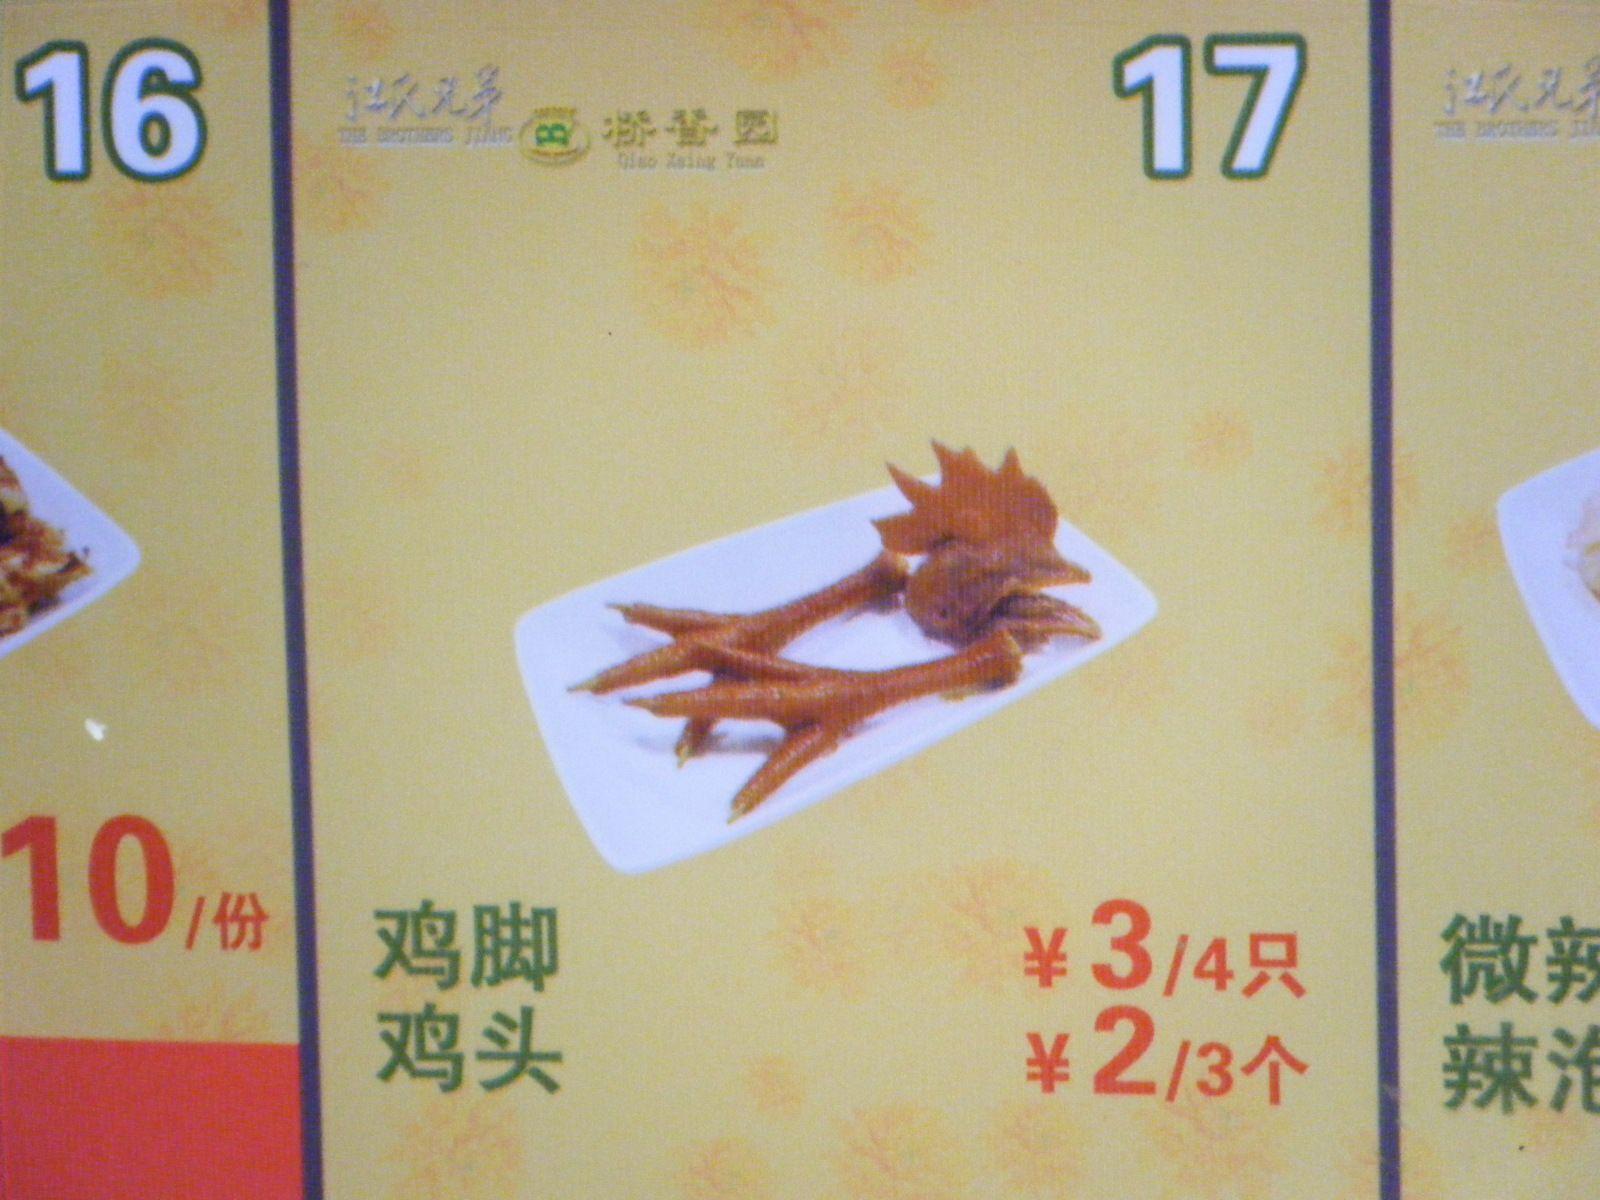 Shanghai menu item